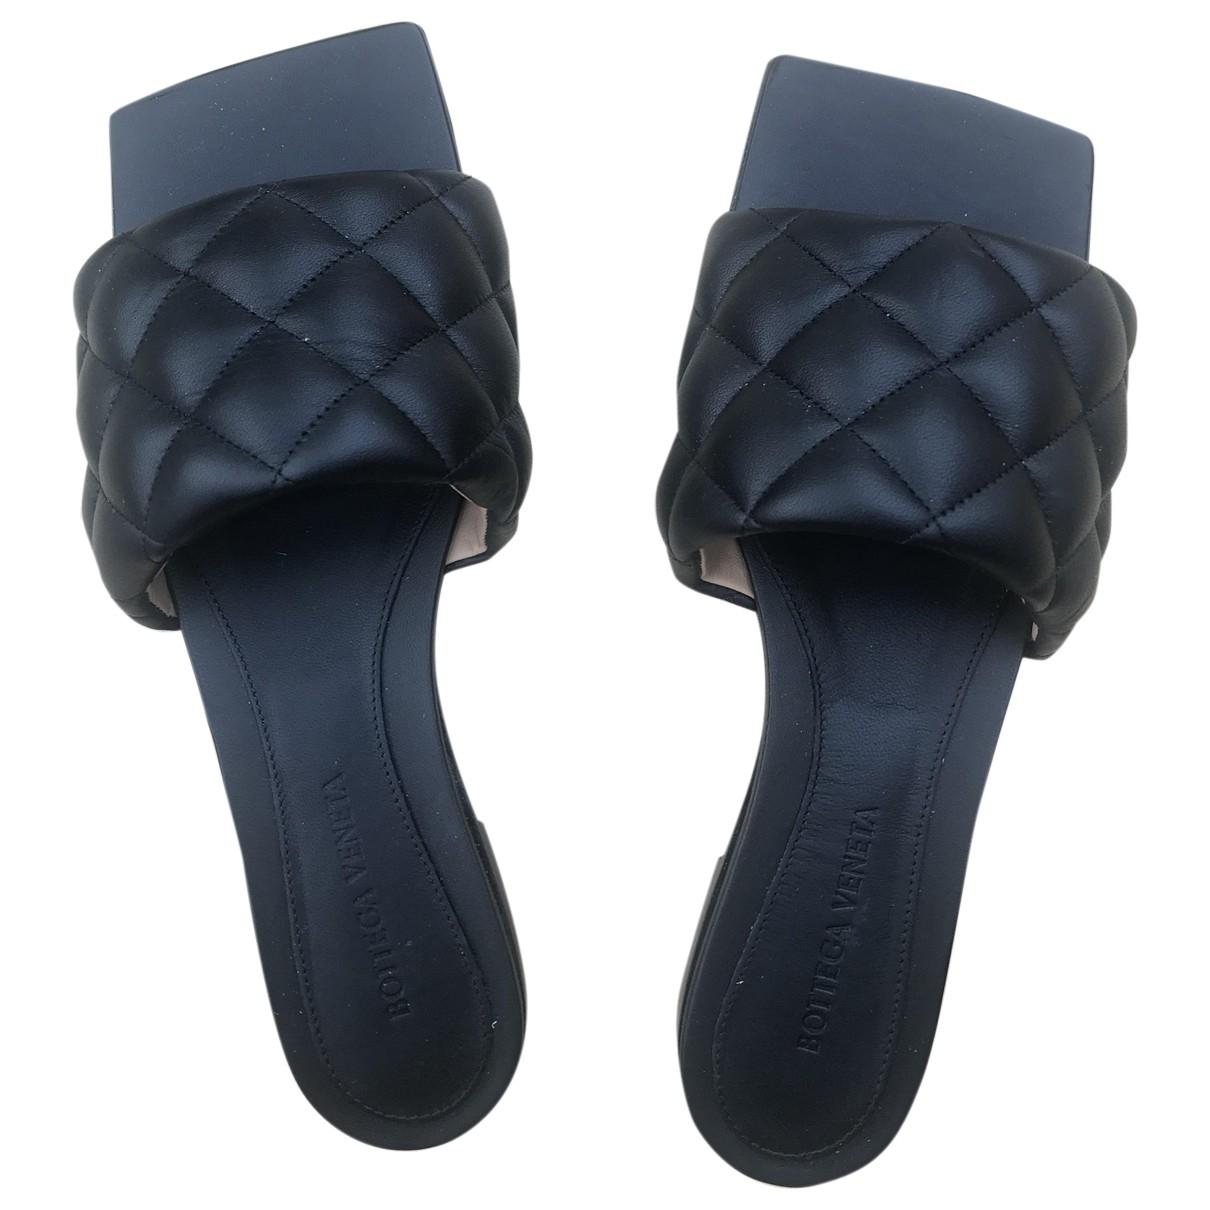 Bottega Veneta Bloc Black Leather Sandals for Women 38 EU